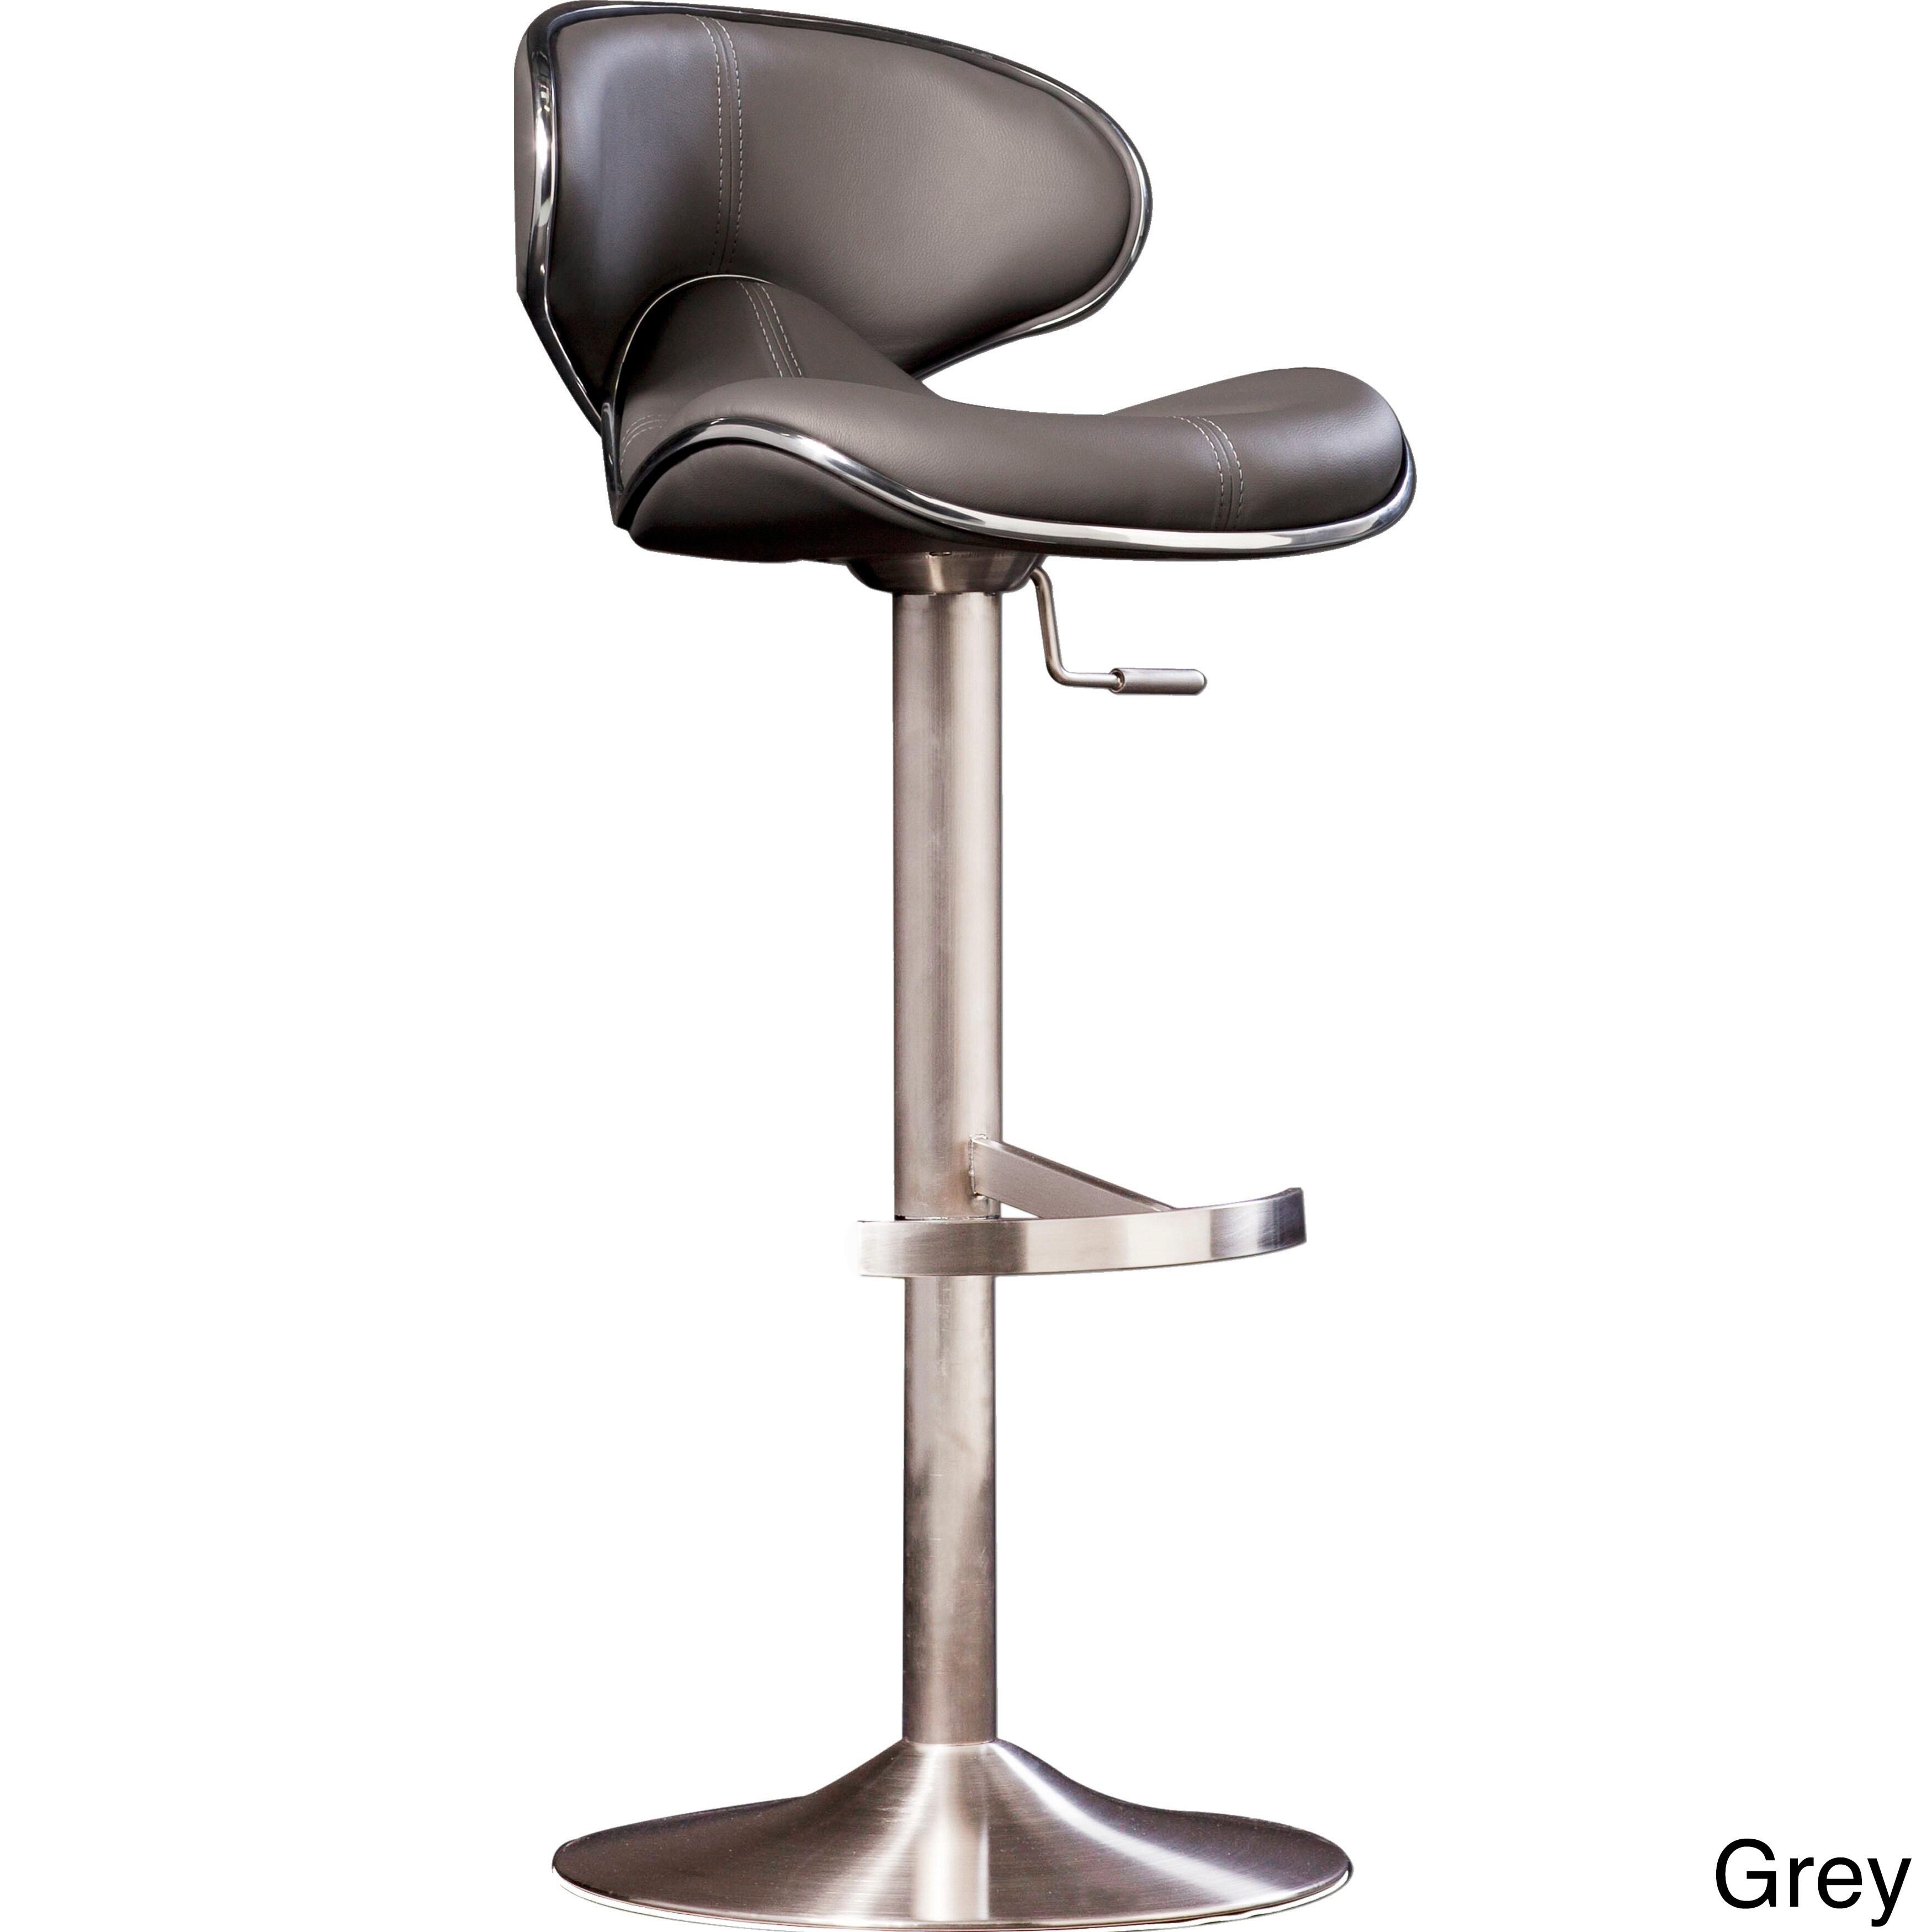 adjustable height swivel bar stool. MIX-Brushed-Stainless-Steel-Adjustable-Height-Swivel-Bar- Adjustable Height Swivel Bar Stool